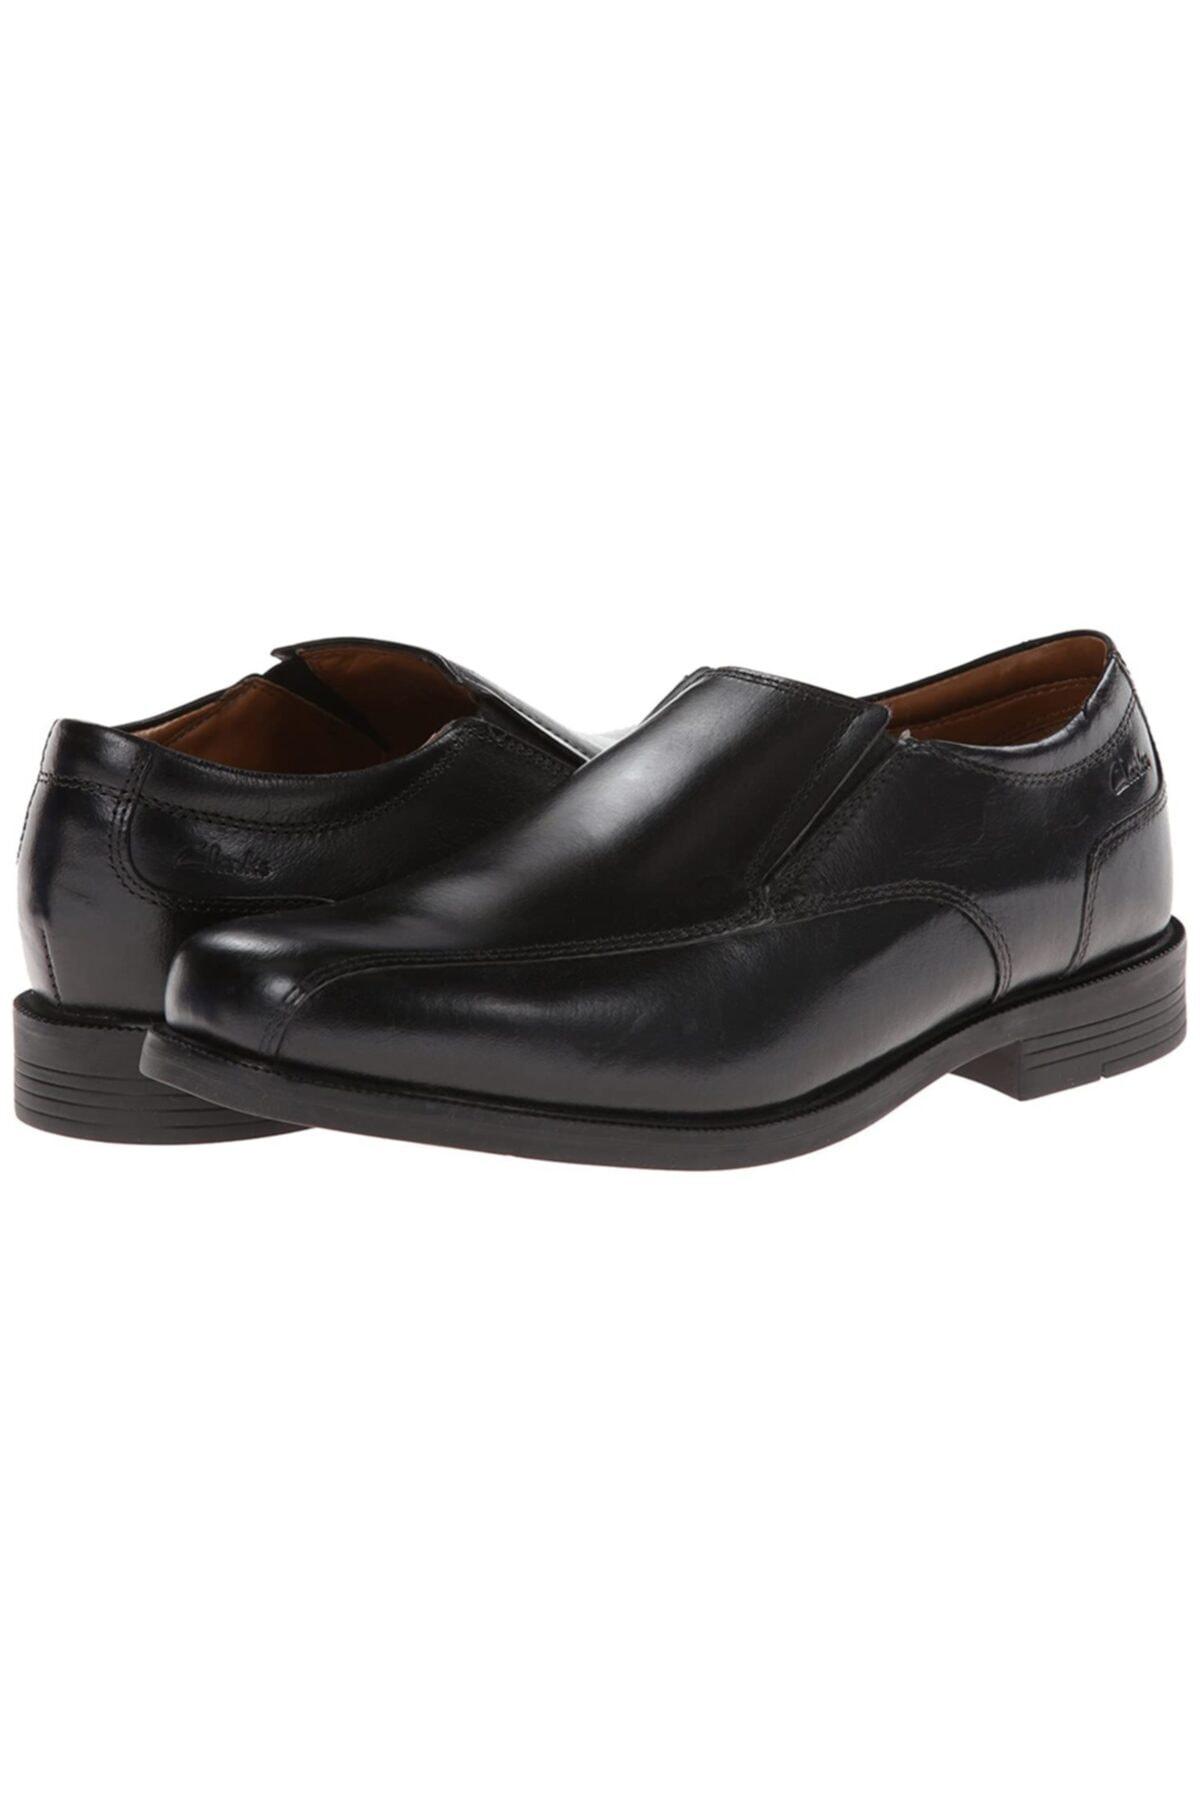 CLARKS Bağcıksız Erkek Ayakkabı Yumuşak Deri Iç Astar Ve Yastıklı Ortholite Tabanlık Beeston Step 1